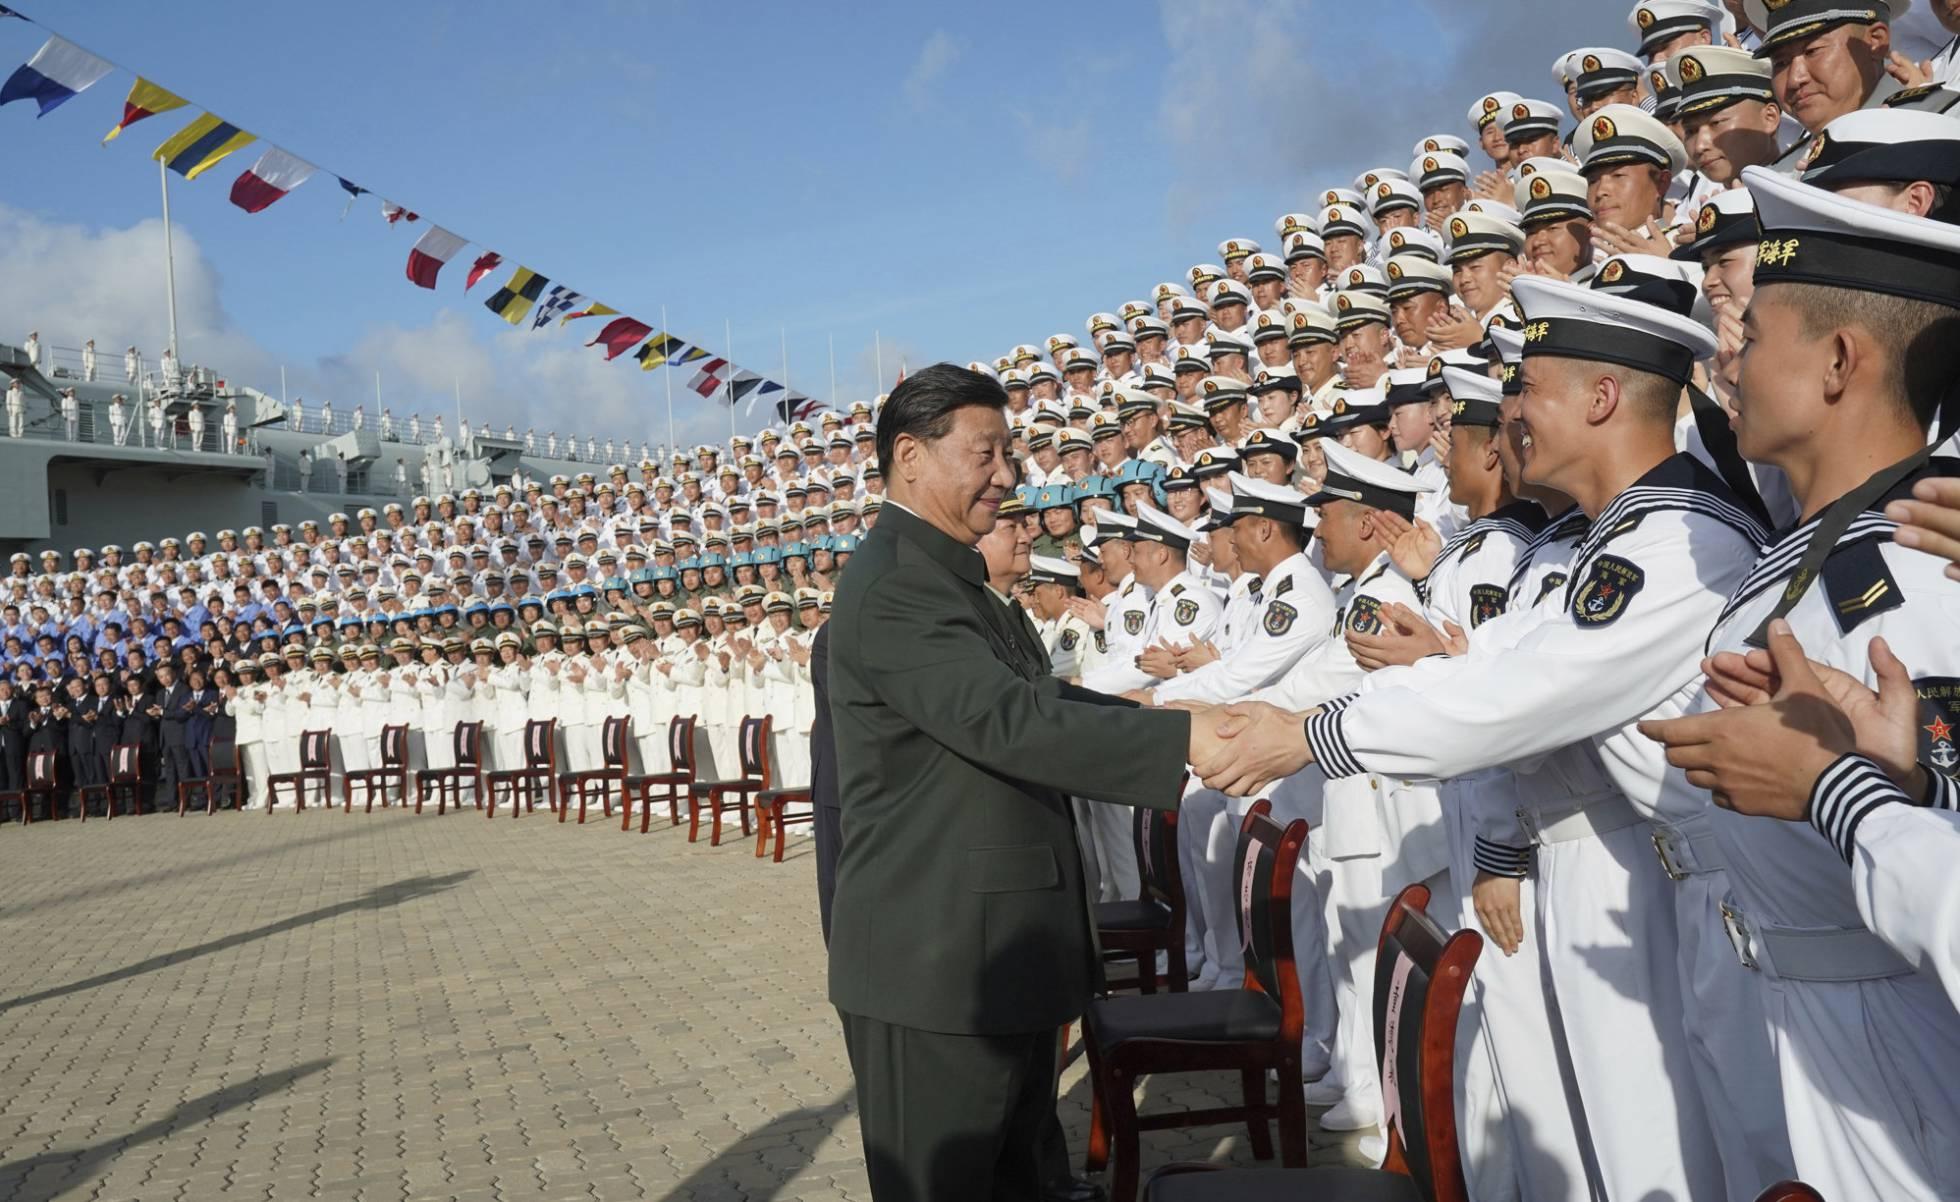 La expansión de la Armada china pone en alerta a EE.UU.